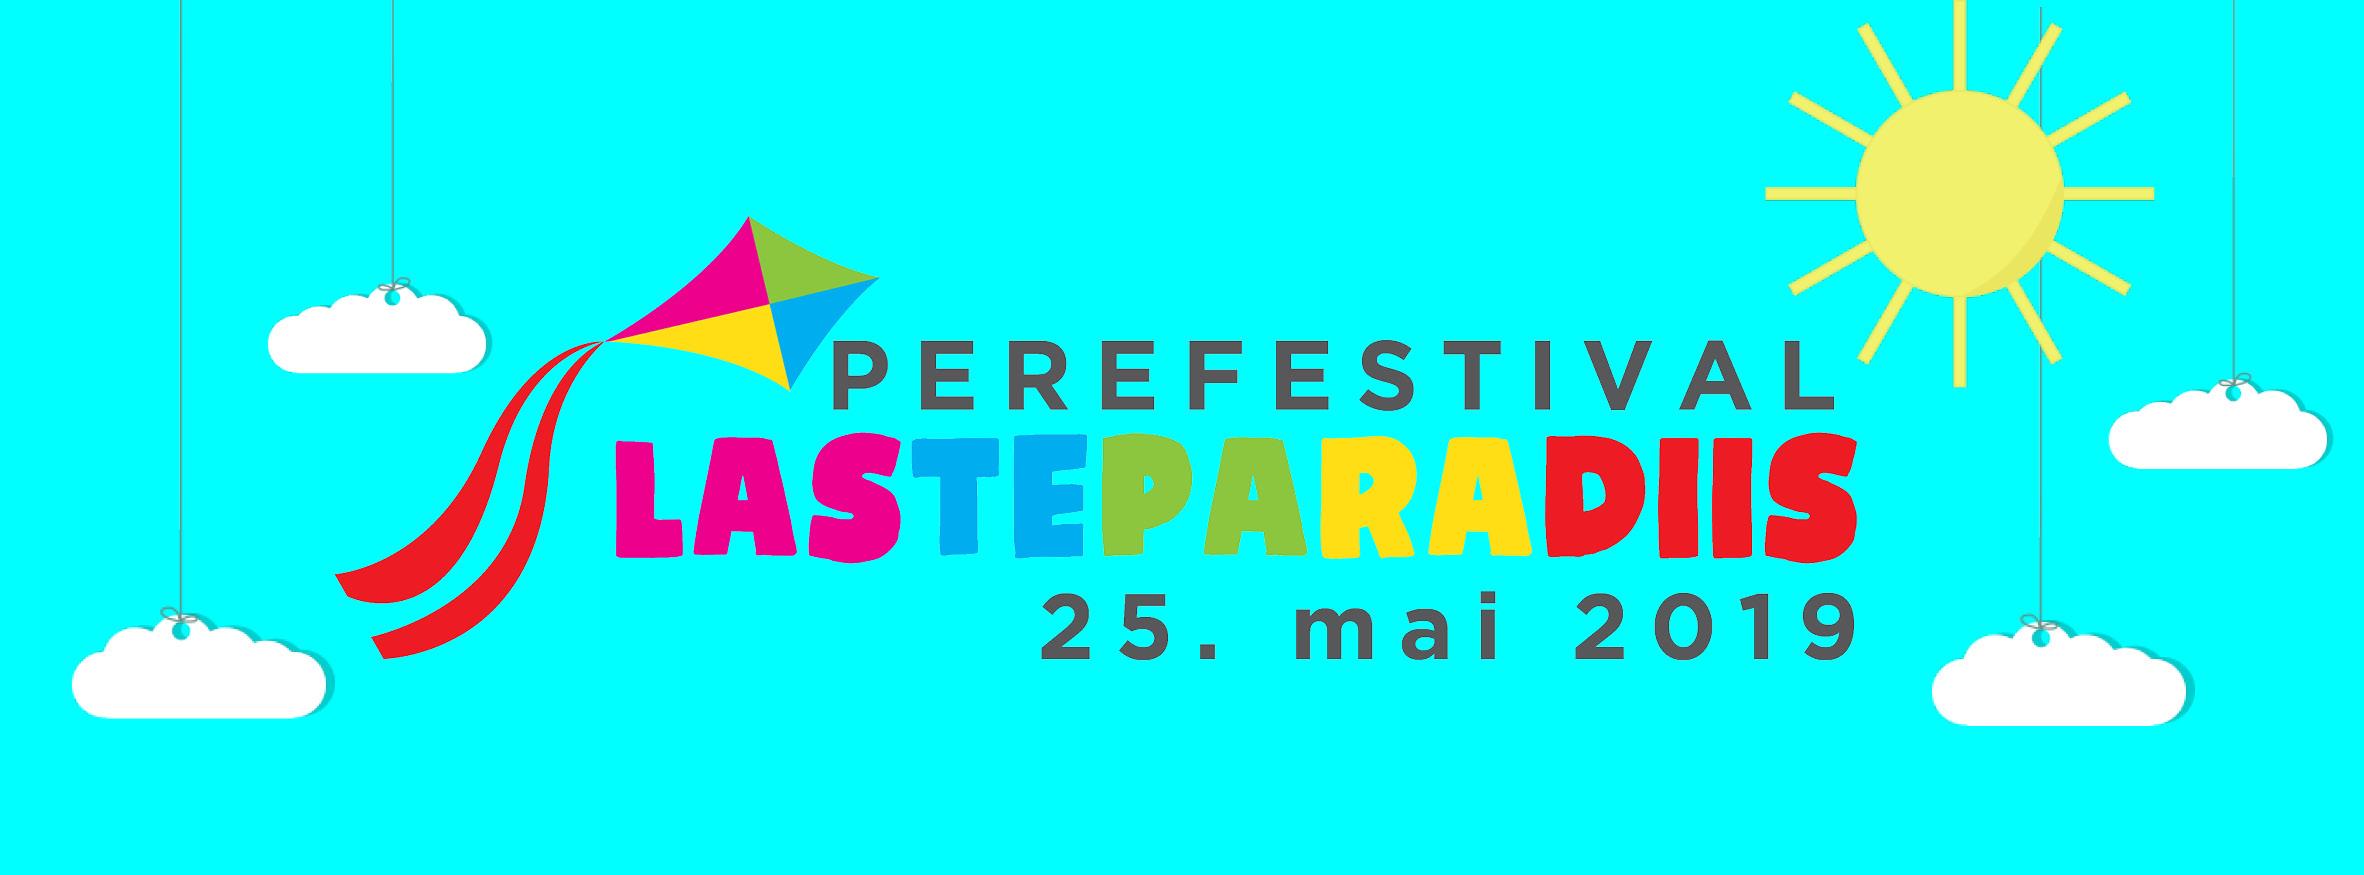 Perefestival Lasteparadiis